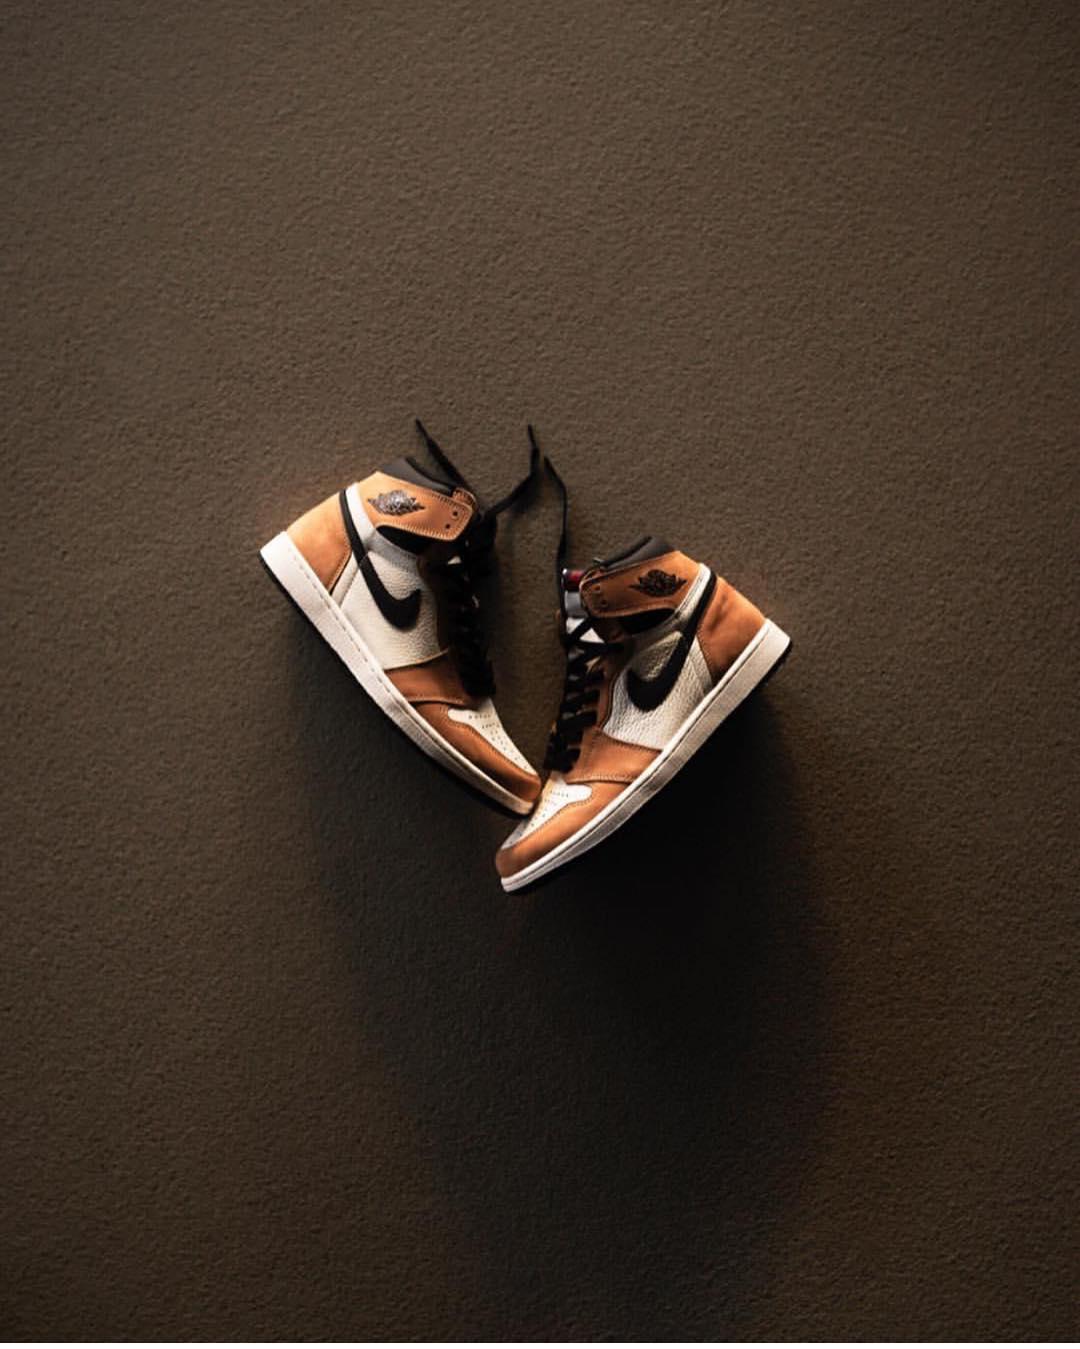 AJ1,Air Jordan 1  近期 AJ1 市场价走低,但两大「鞋王」新配色即将到达战场...